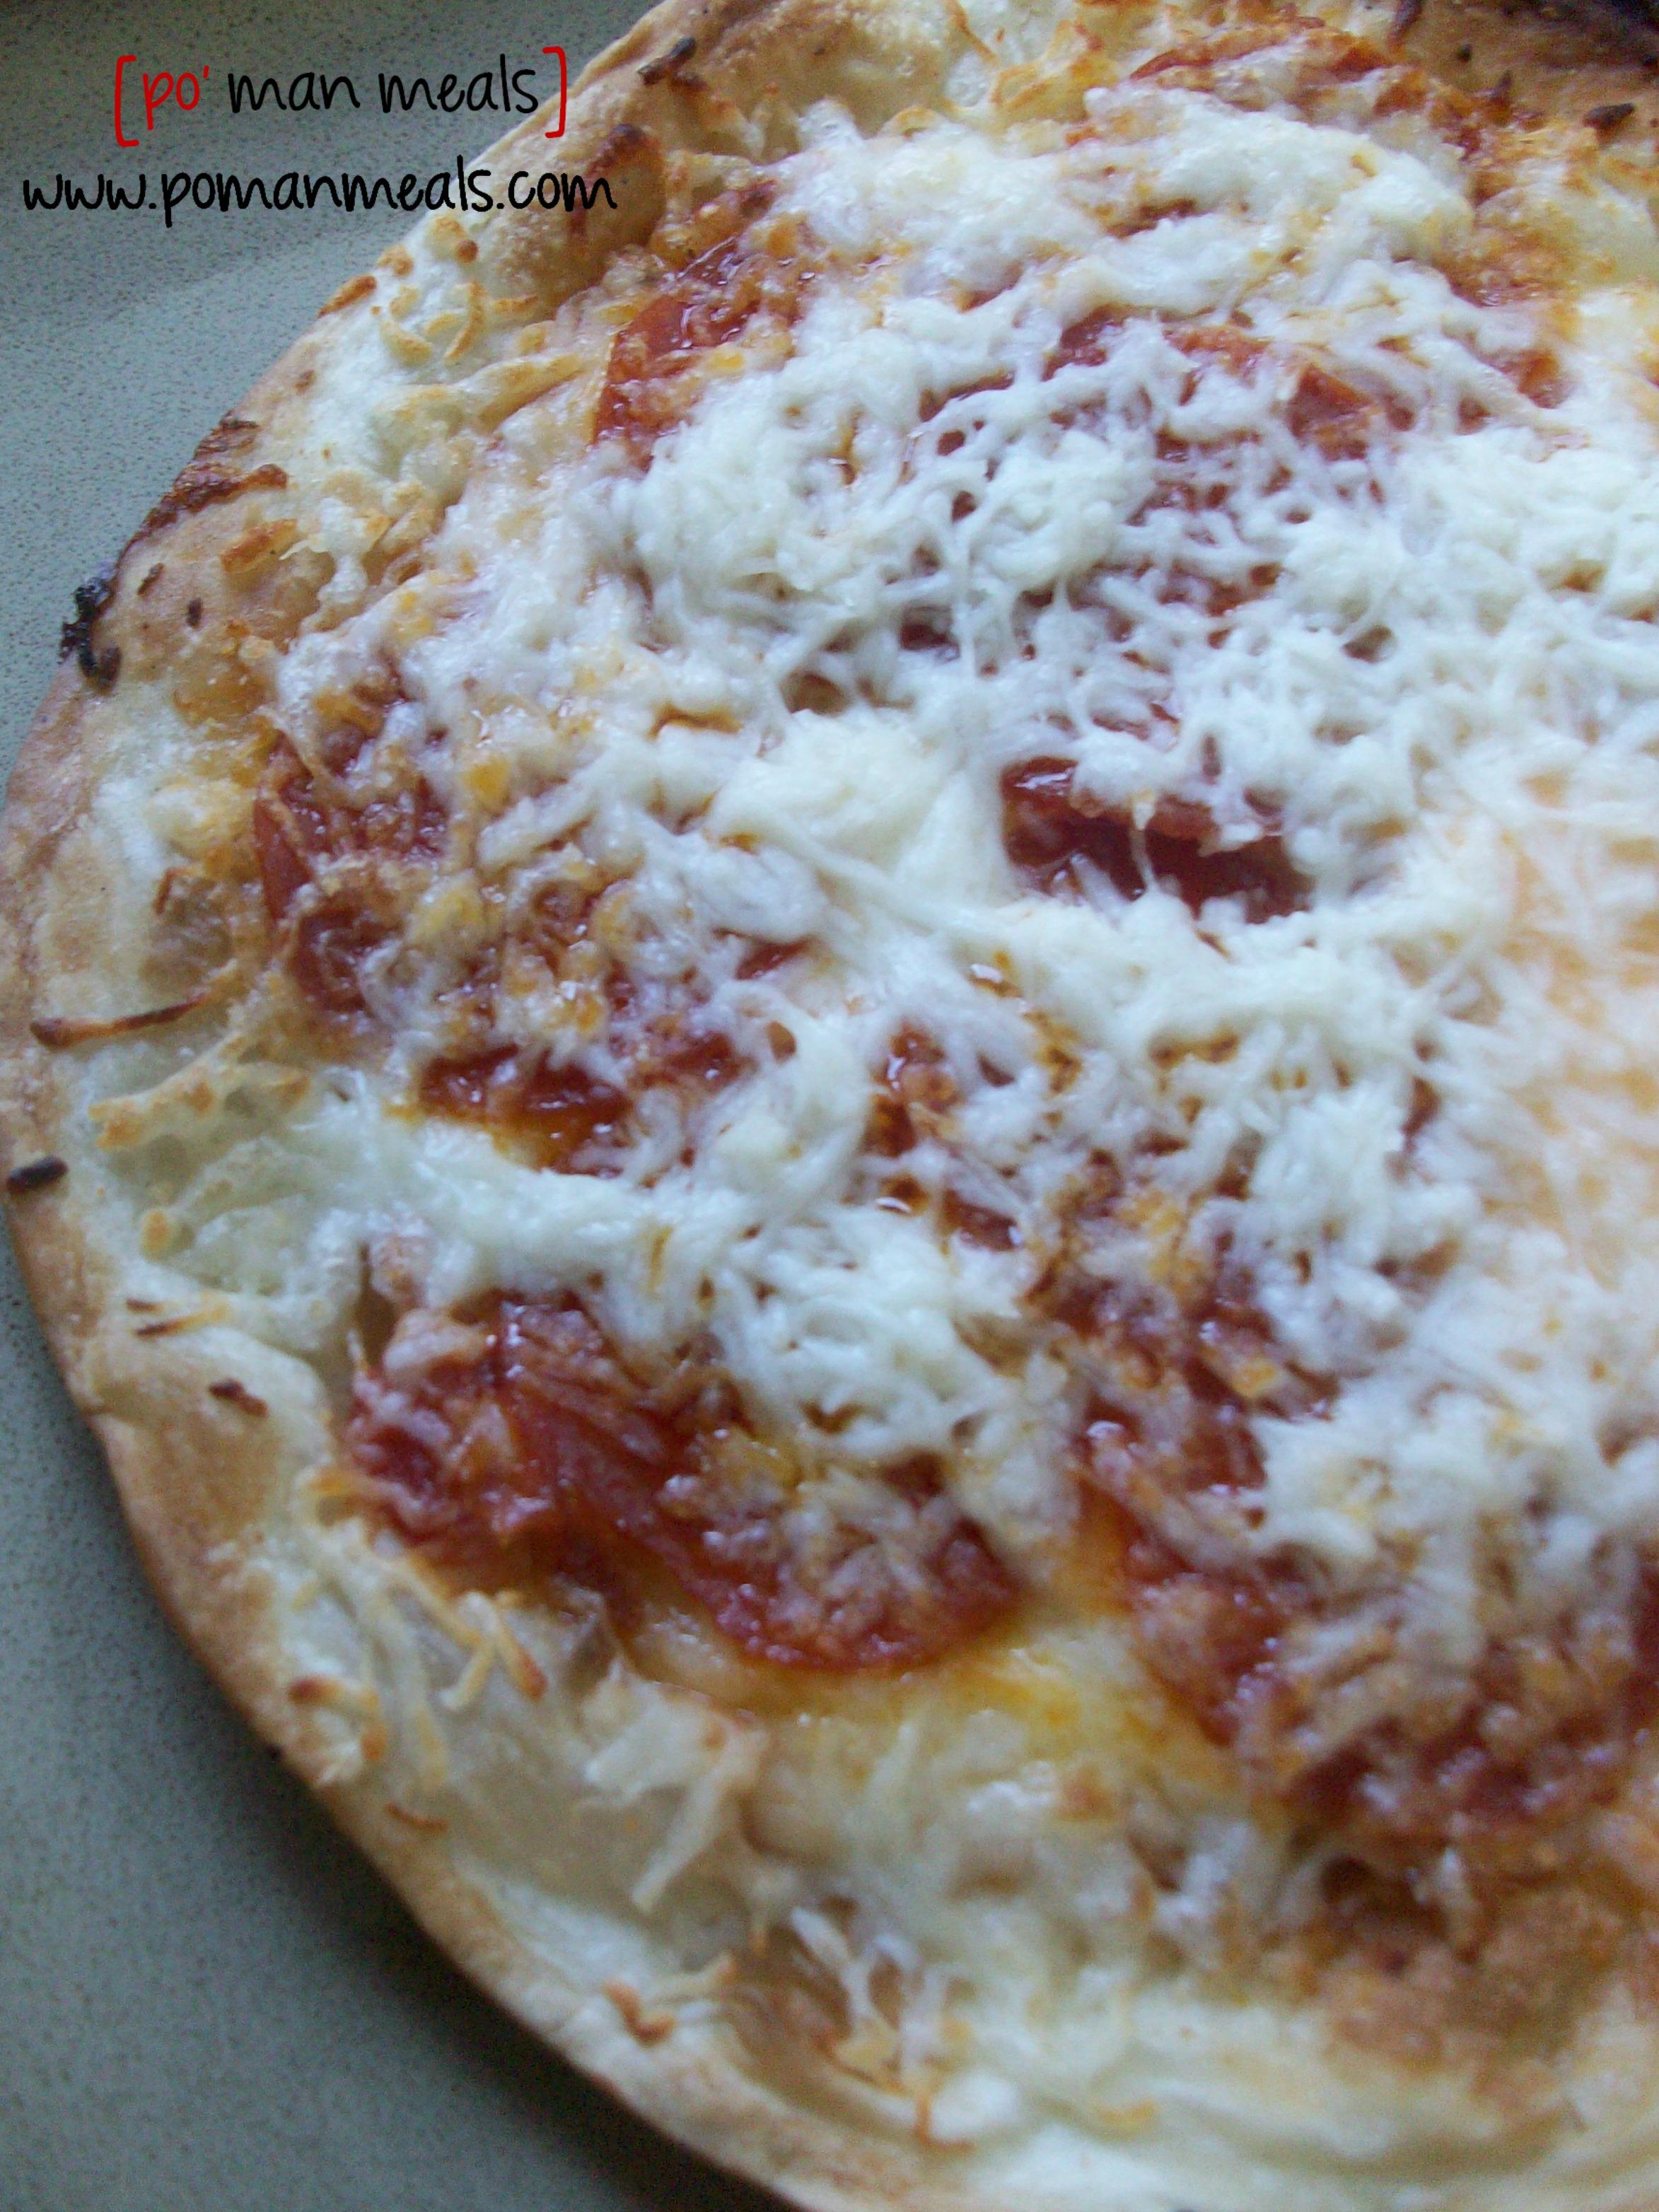 po' man meals - tortilla pizzas